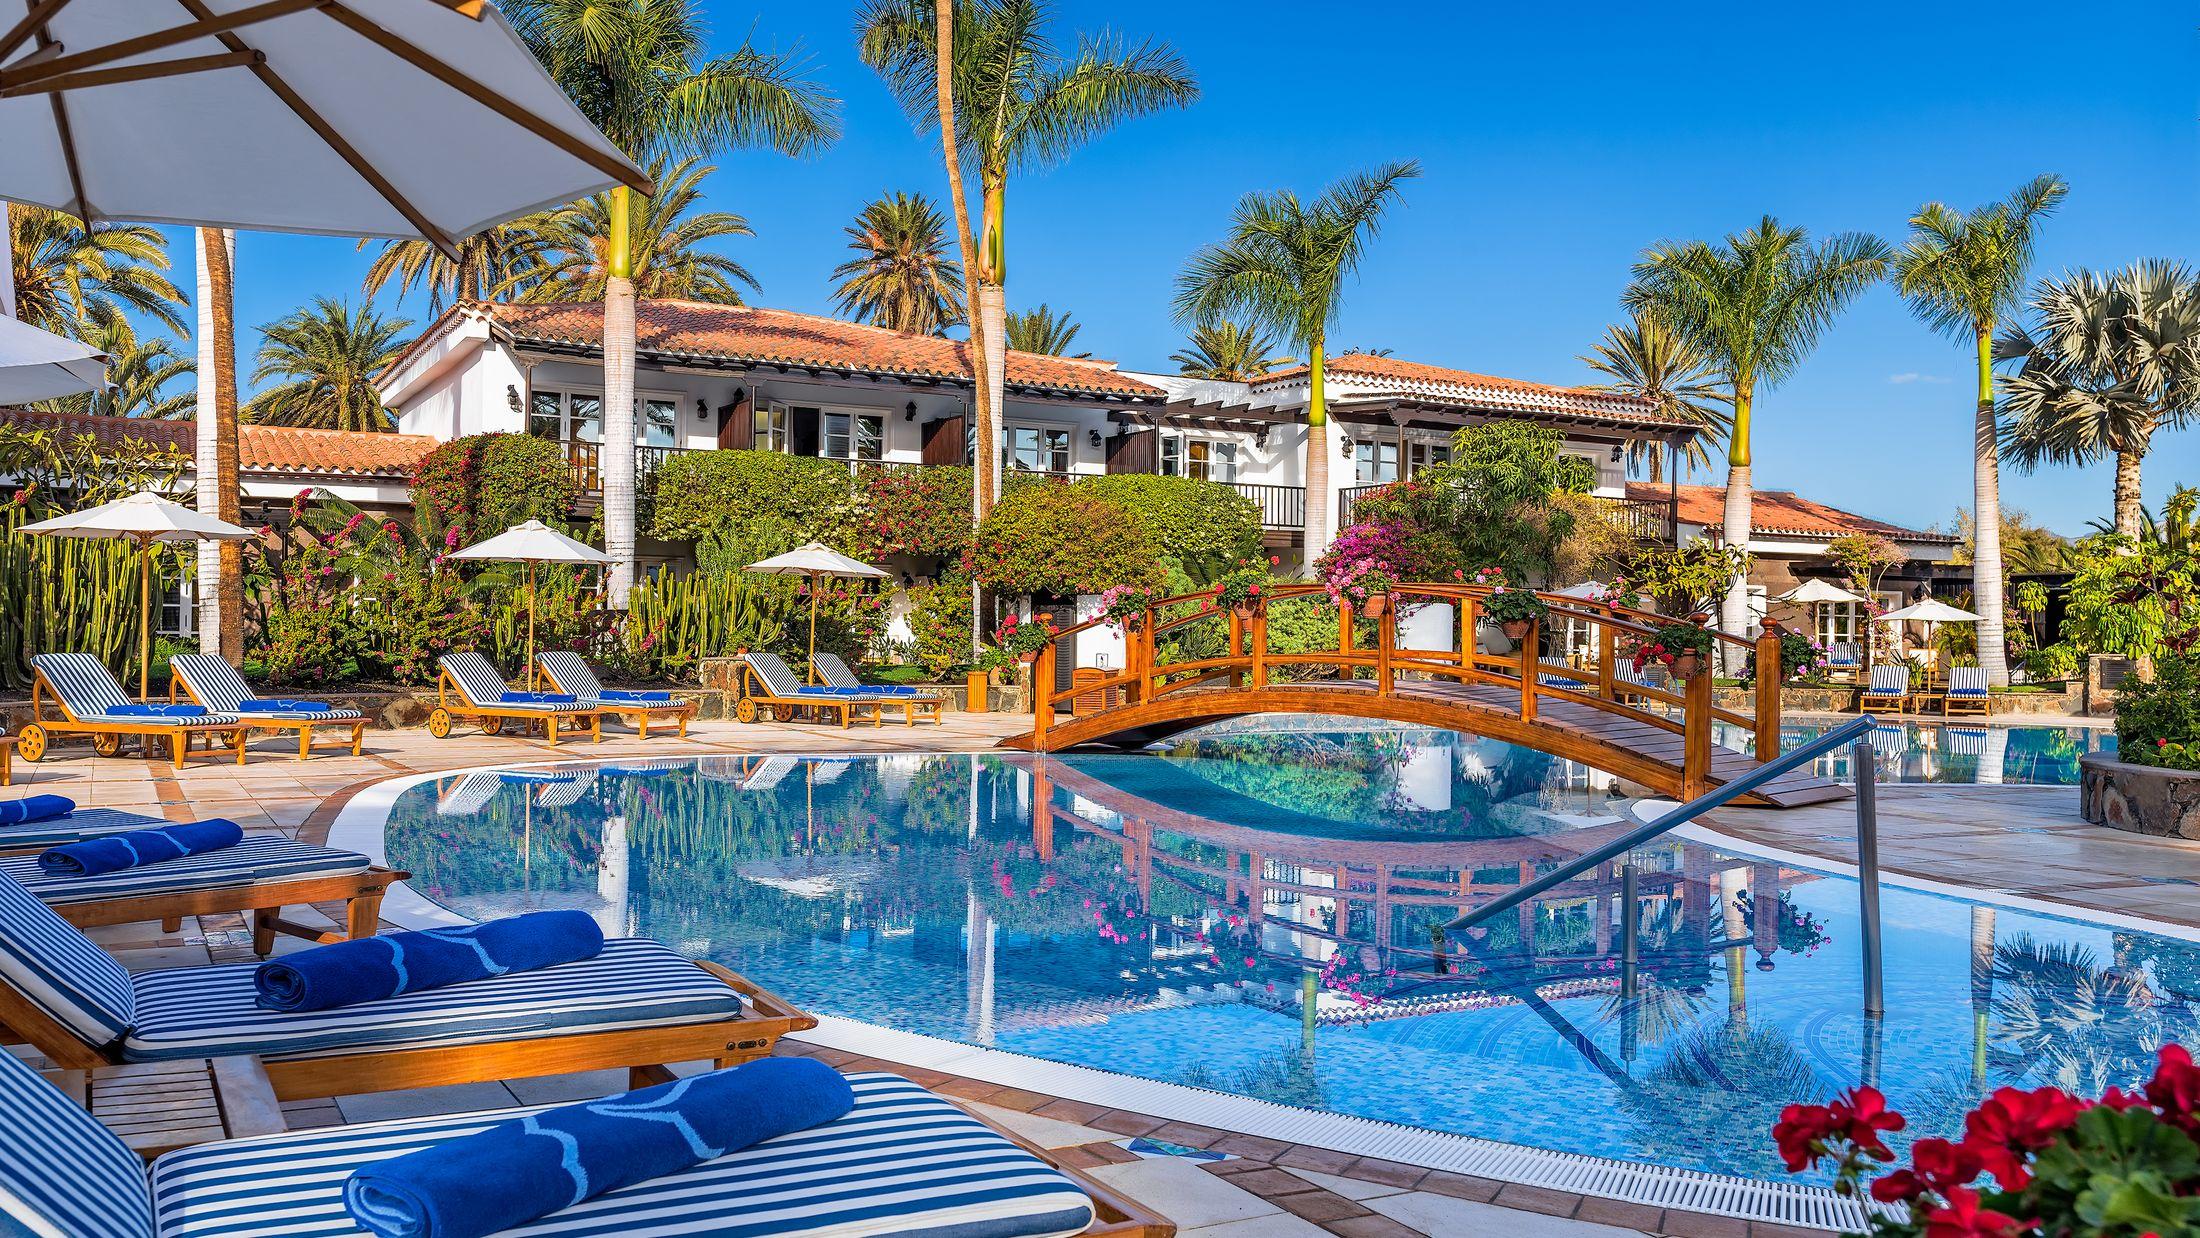 Paradise casino no deposit bonus